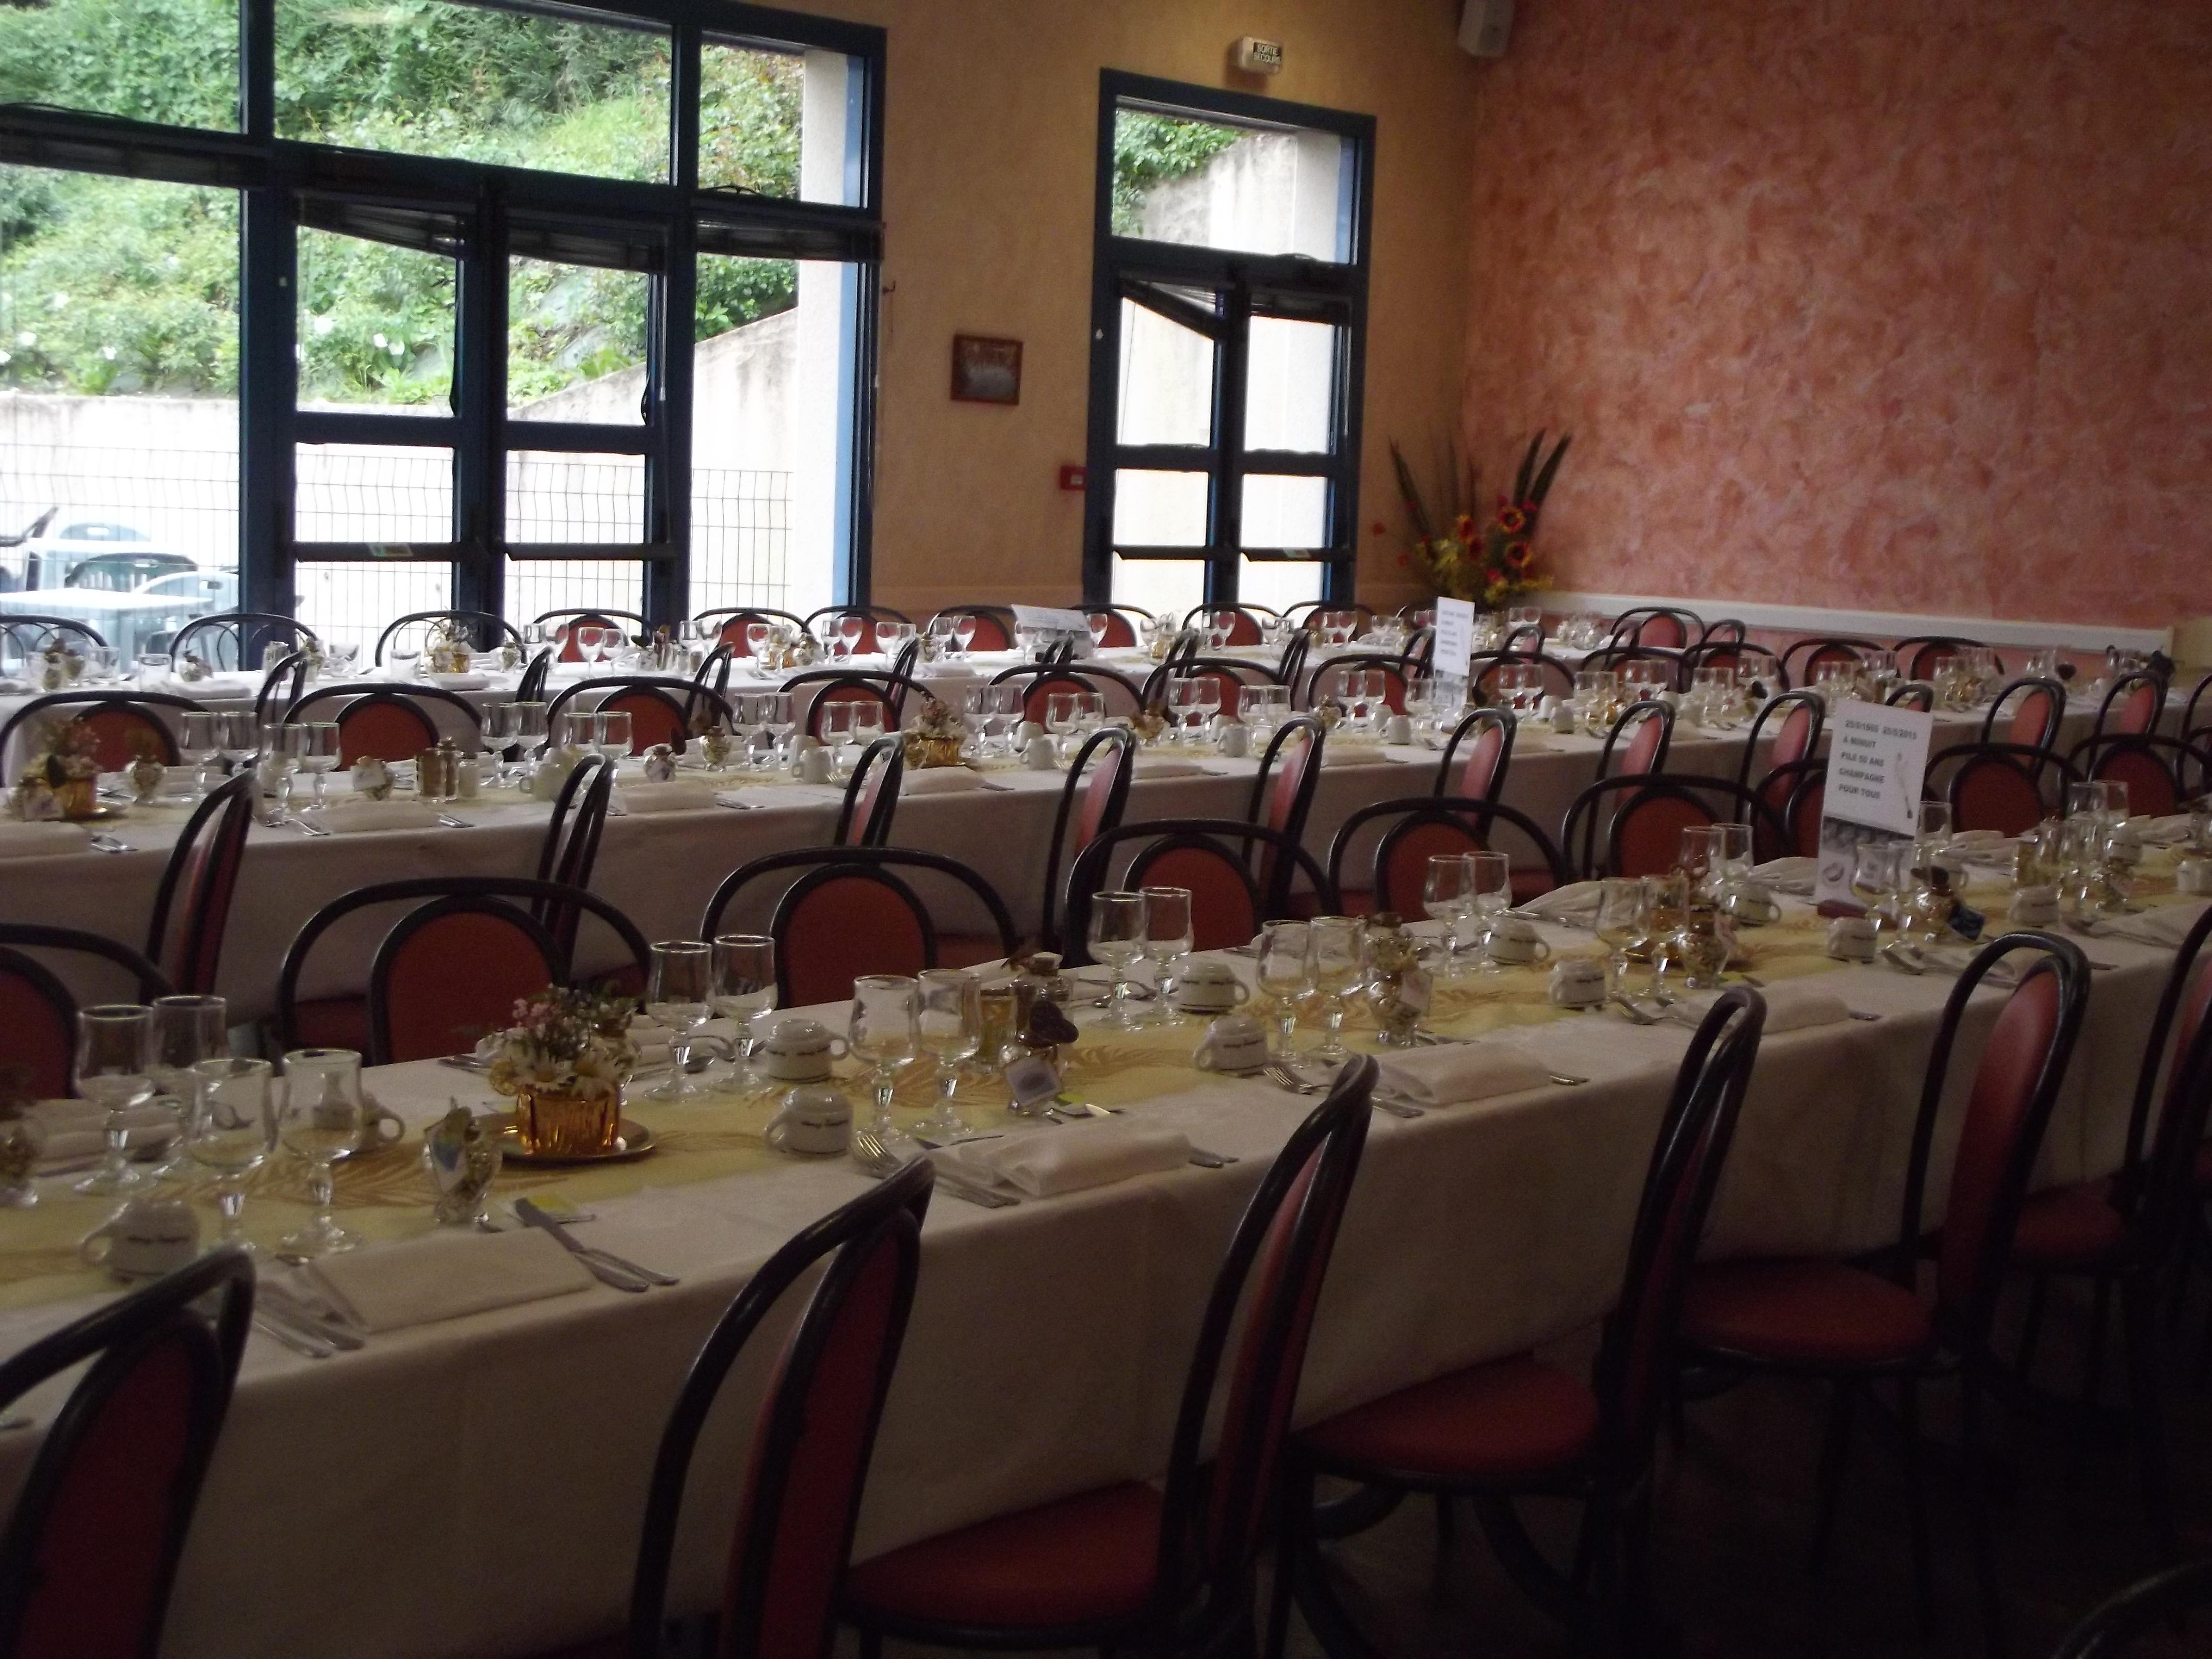 Noces d or mise en place d cor et buffet de verrines bar restaurant l 39 ang lus co smes - Mise en place table restaurant ...